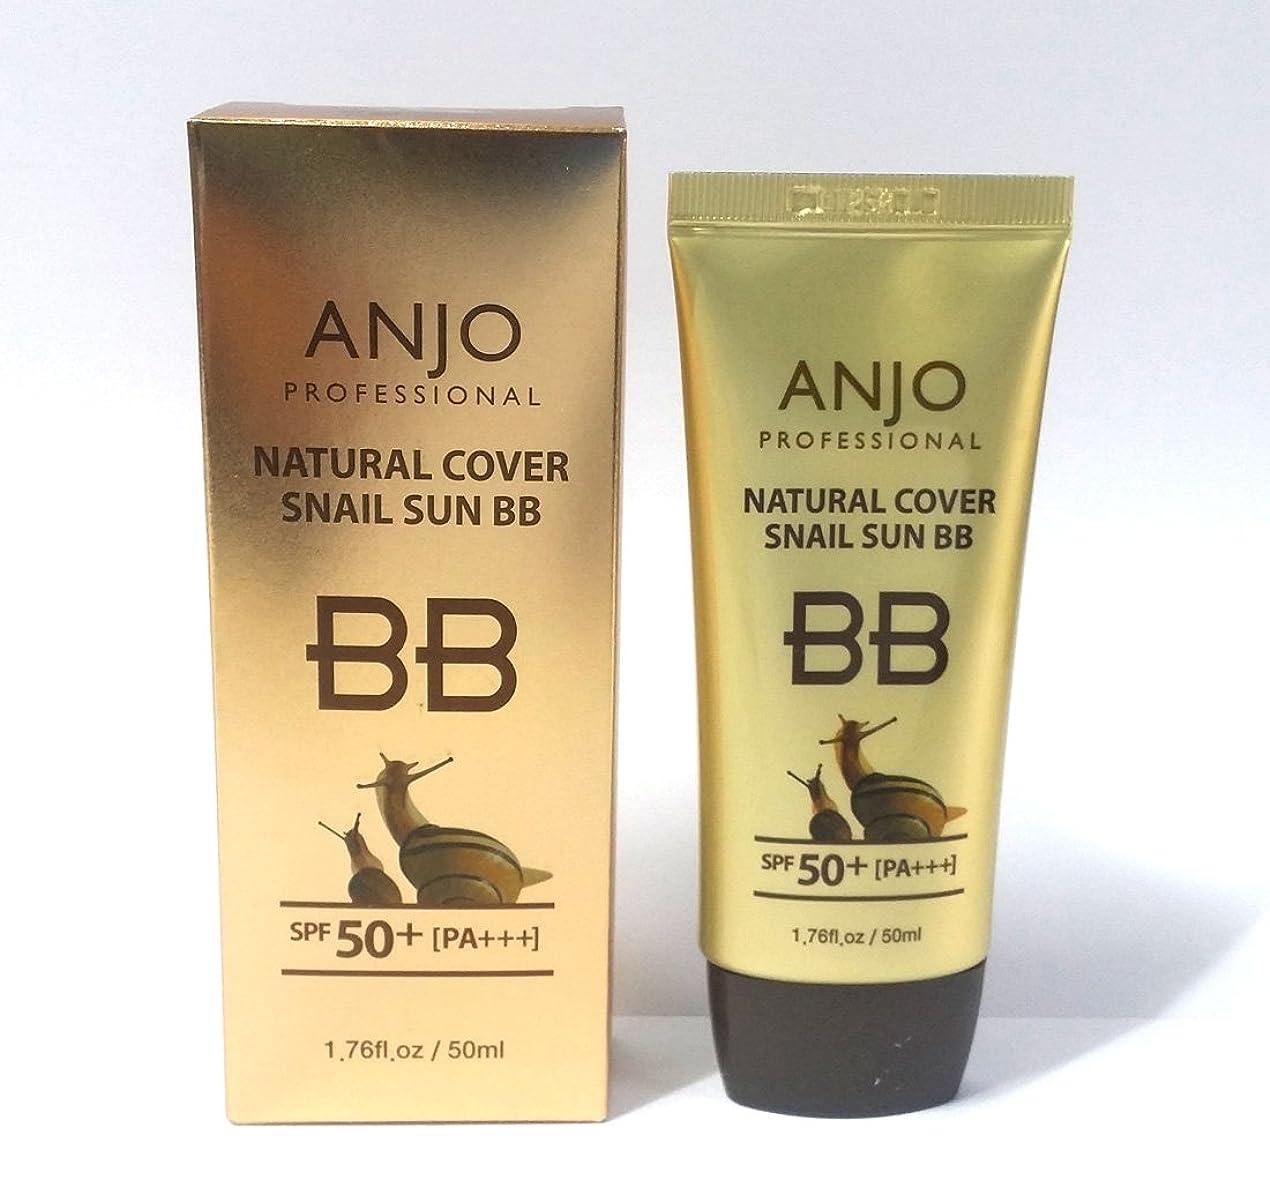 批判的軽減続編[ANJO] ナチュラルカバーカタツムリサンBBクリームSPF 50 + PA +++ 50ml X 6EA /メイクアップベース/カタツムリ粘液 / Natural Cover Snail Sun BB Cream SPF 50+PA+++ 50ml X 6EA / Makeup Base / Snail Mucus / 韓国化粧品 / Korean Cosmetics [並行輸入品]